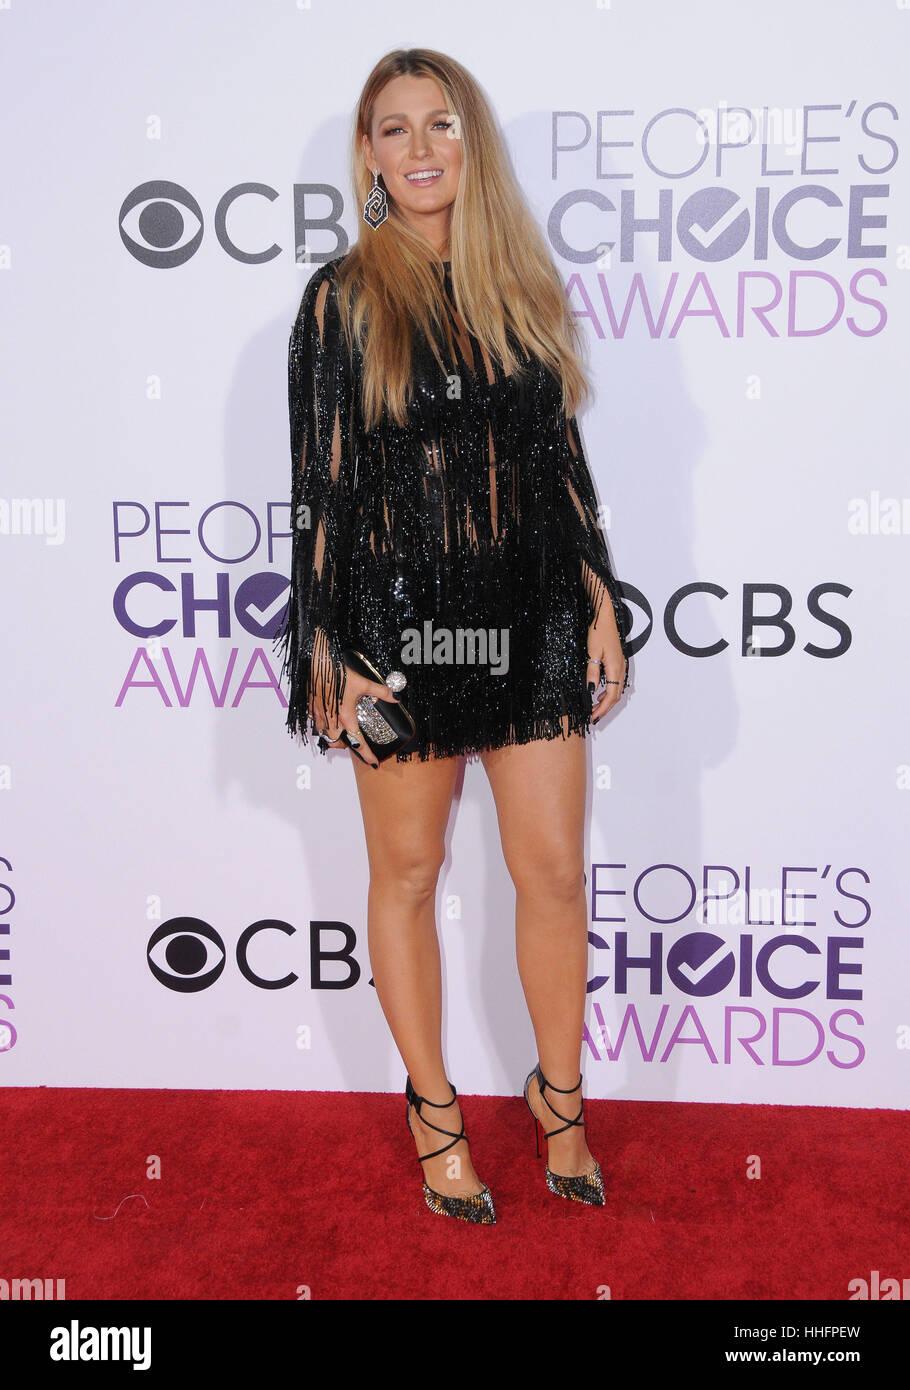 Los Angeles, CA, USA. 18 janvier, 2017. Blake Lively. 2017 People's Choice Awards 2017 qui a eu lieu au théâtre. Banque D'Images